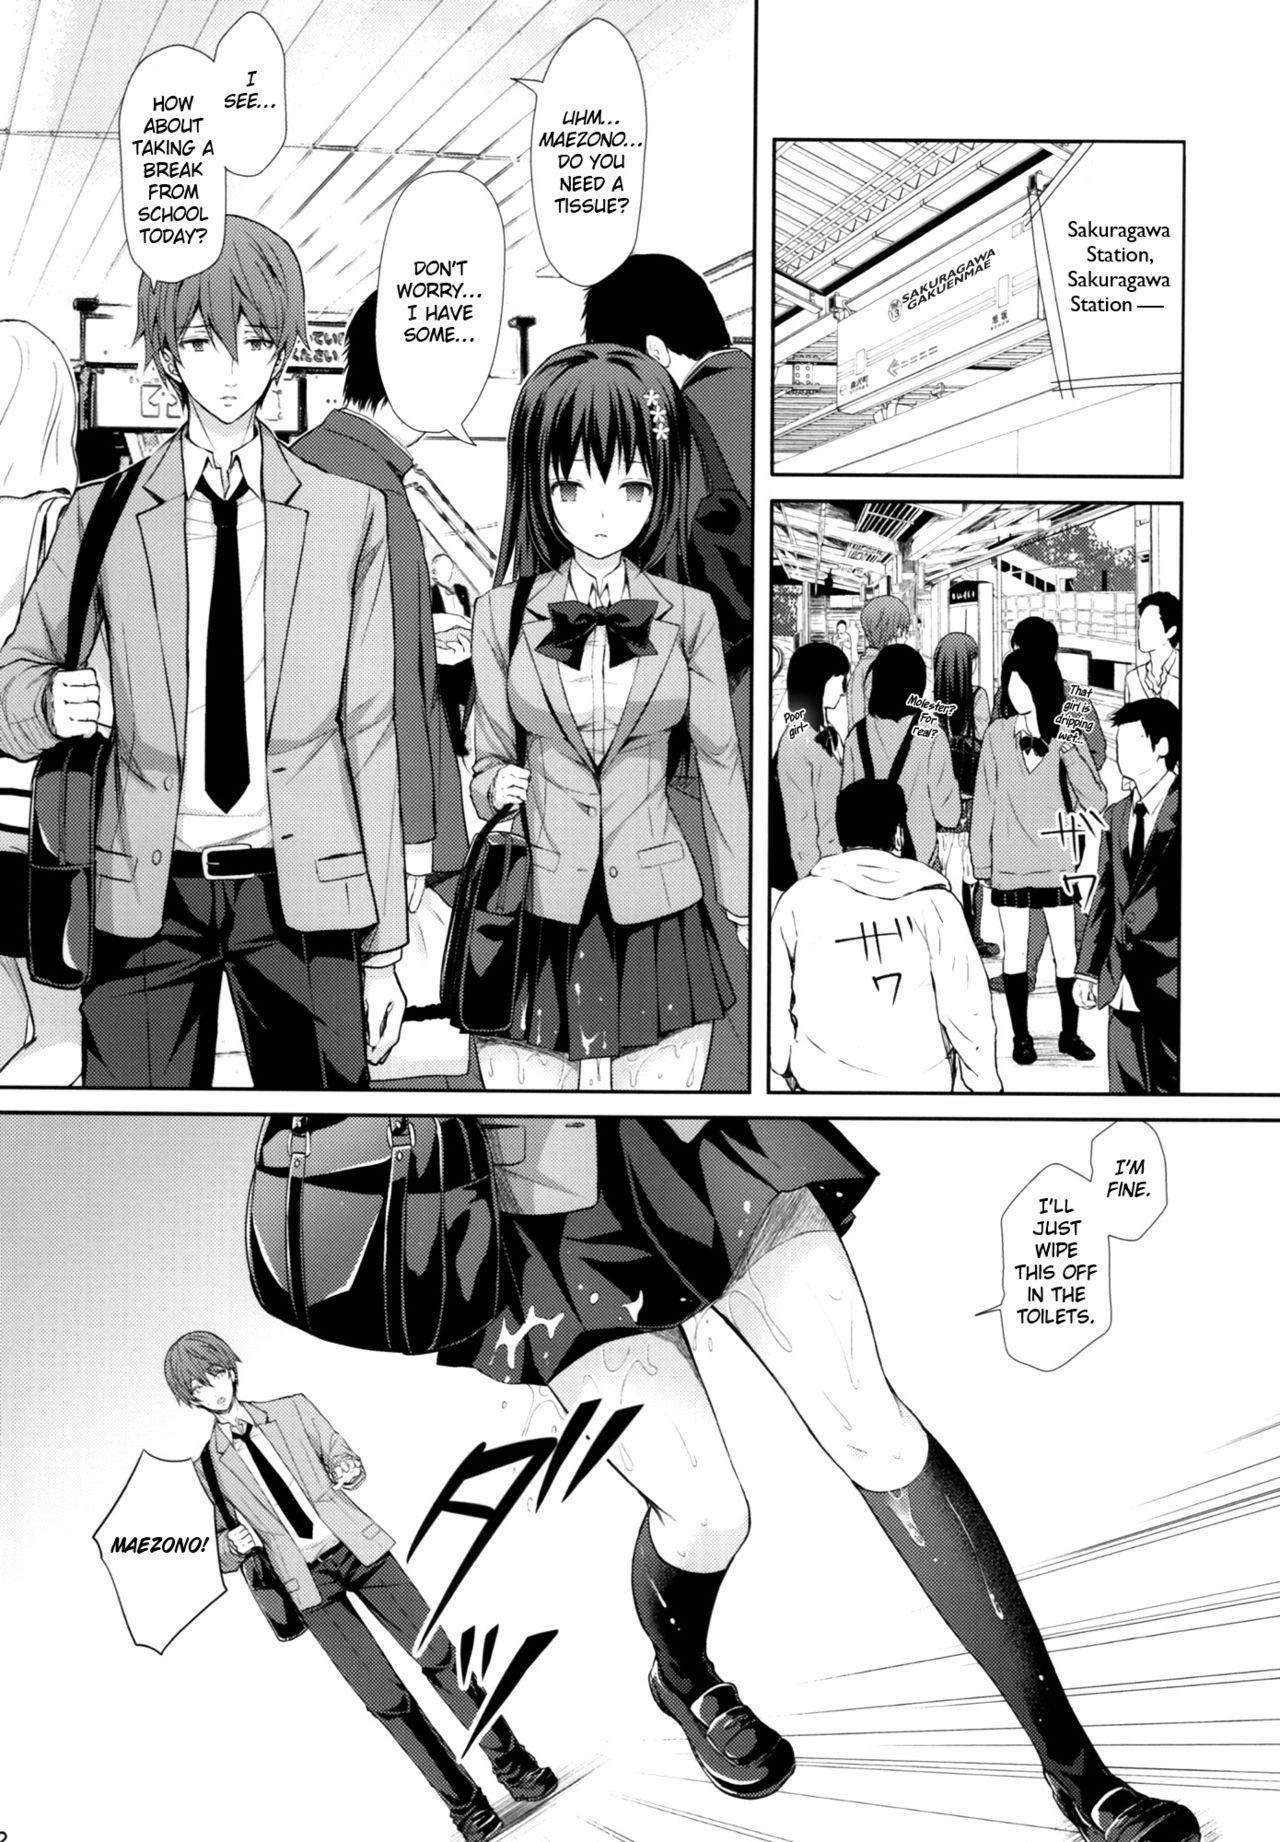 (C93) [Sugar*Berry*Syrup (Kuroe)] Chijoku no Chikan Densha ~Watashi, Sukina Hito no Soba de Chikan Saremashita~ | Shameless Molester on Train ~I got molested beside  the person that I like~ [English] [obsoletezero] 20